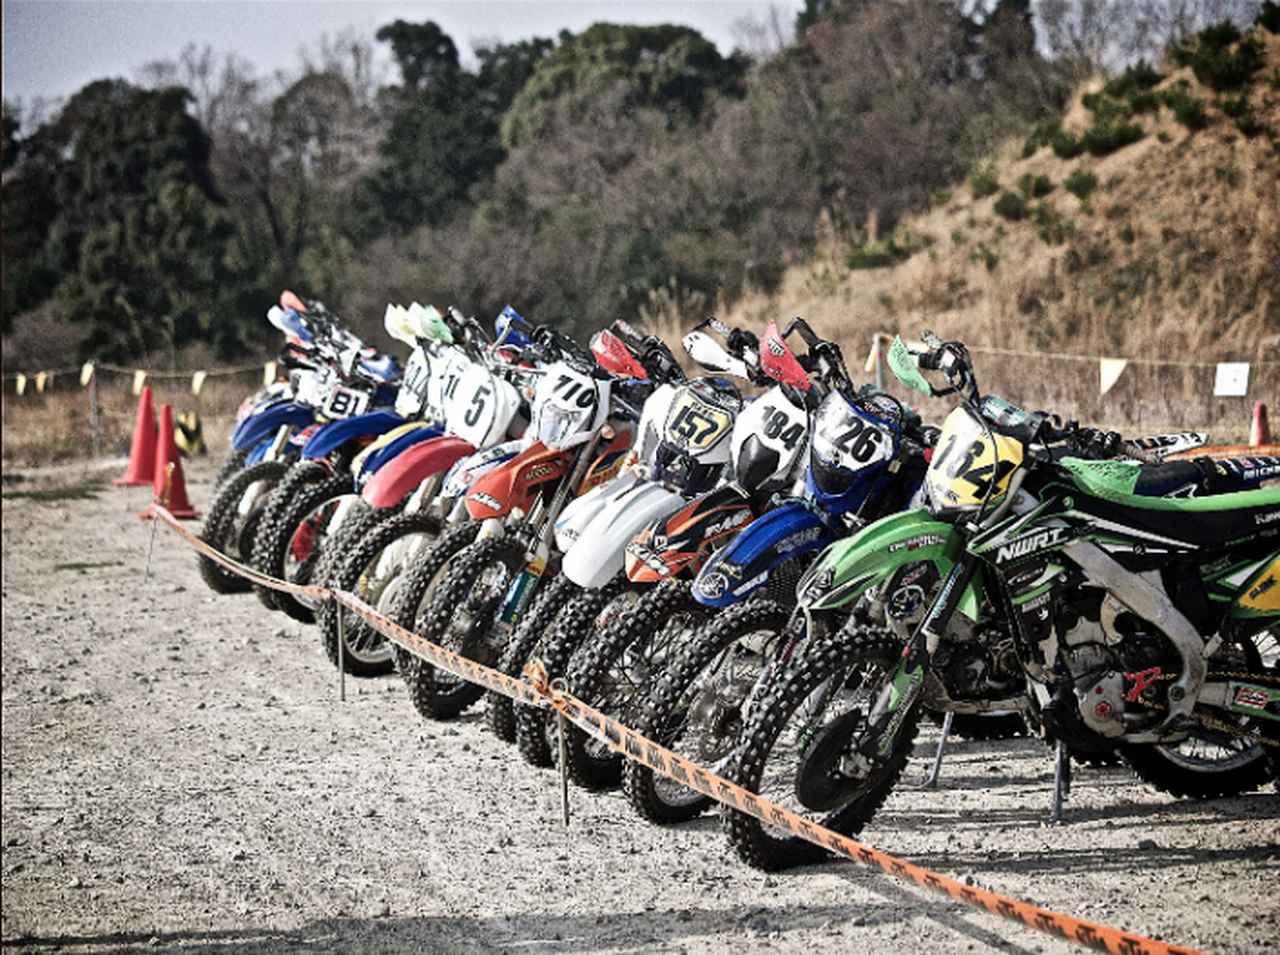 画像: 「パルクフェルメ」スタート前、ゴール後にバイクを保管するスペース。ここではエンジン始動や整備はできないルール。